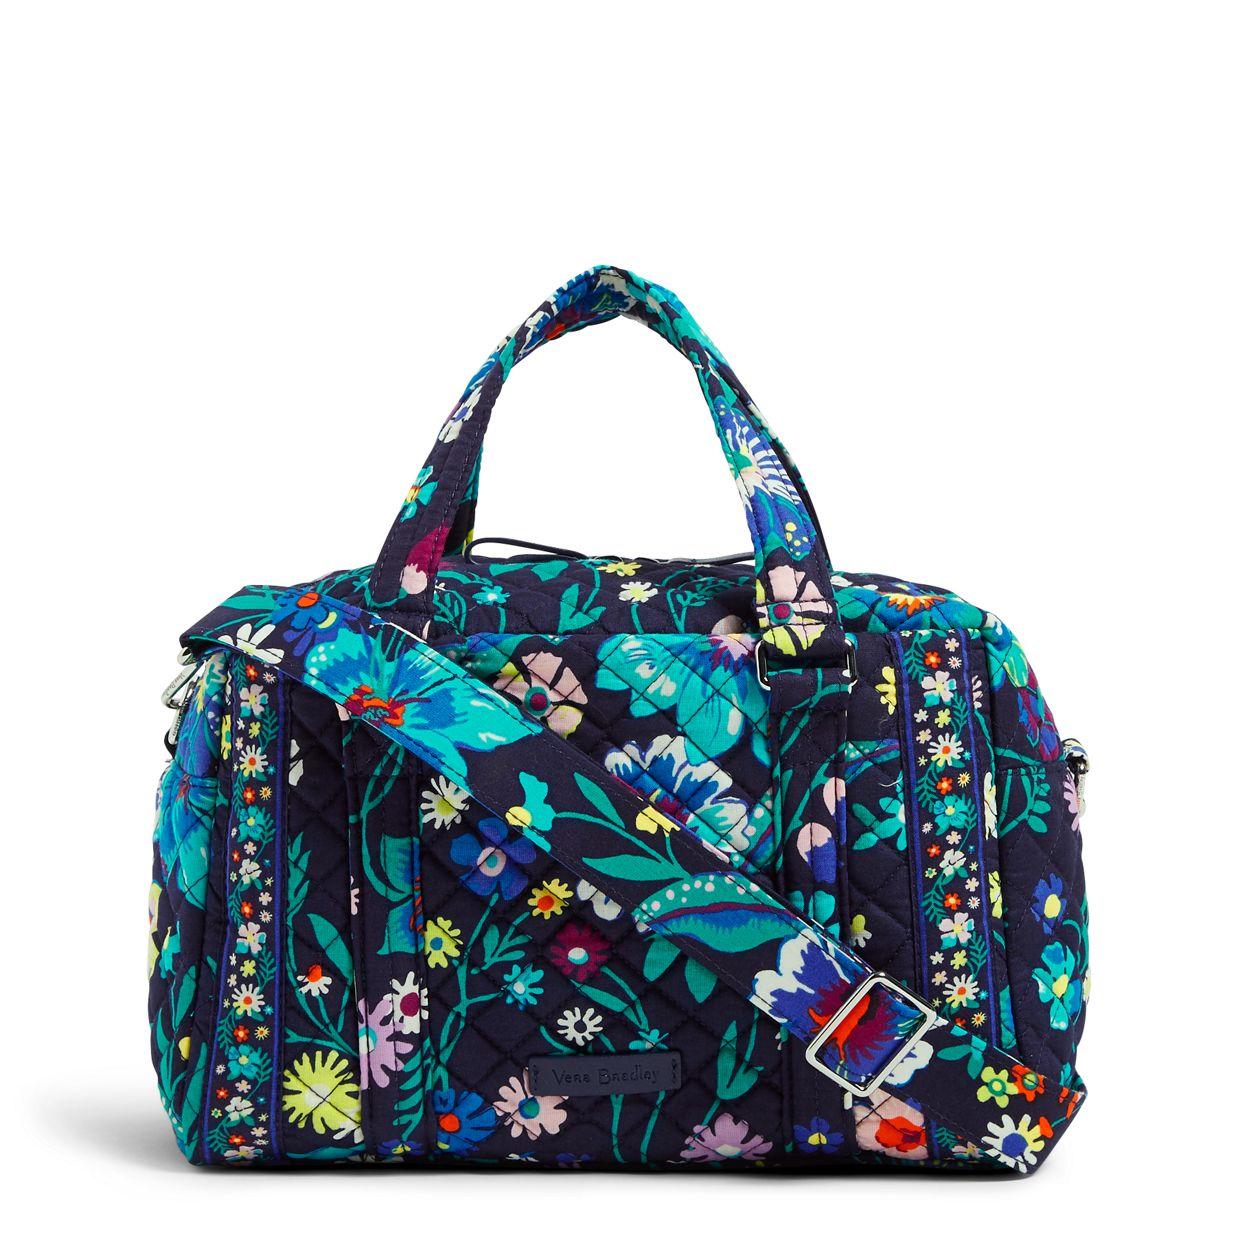 100 Handbag Vera Bradley